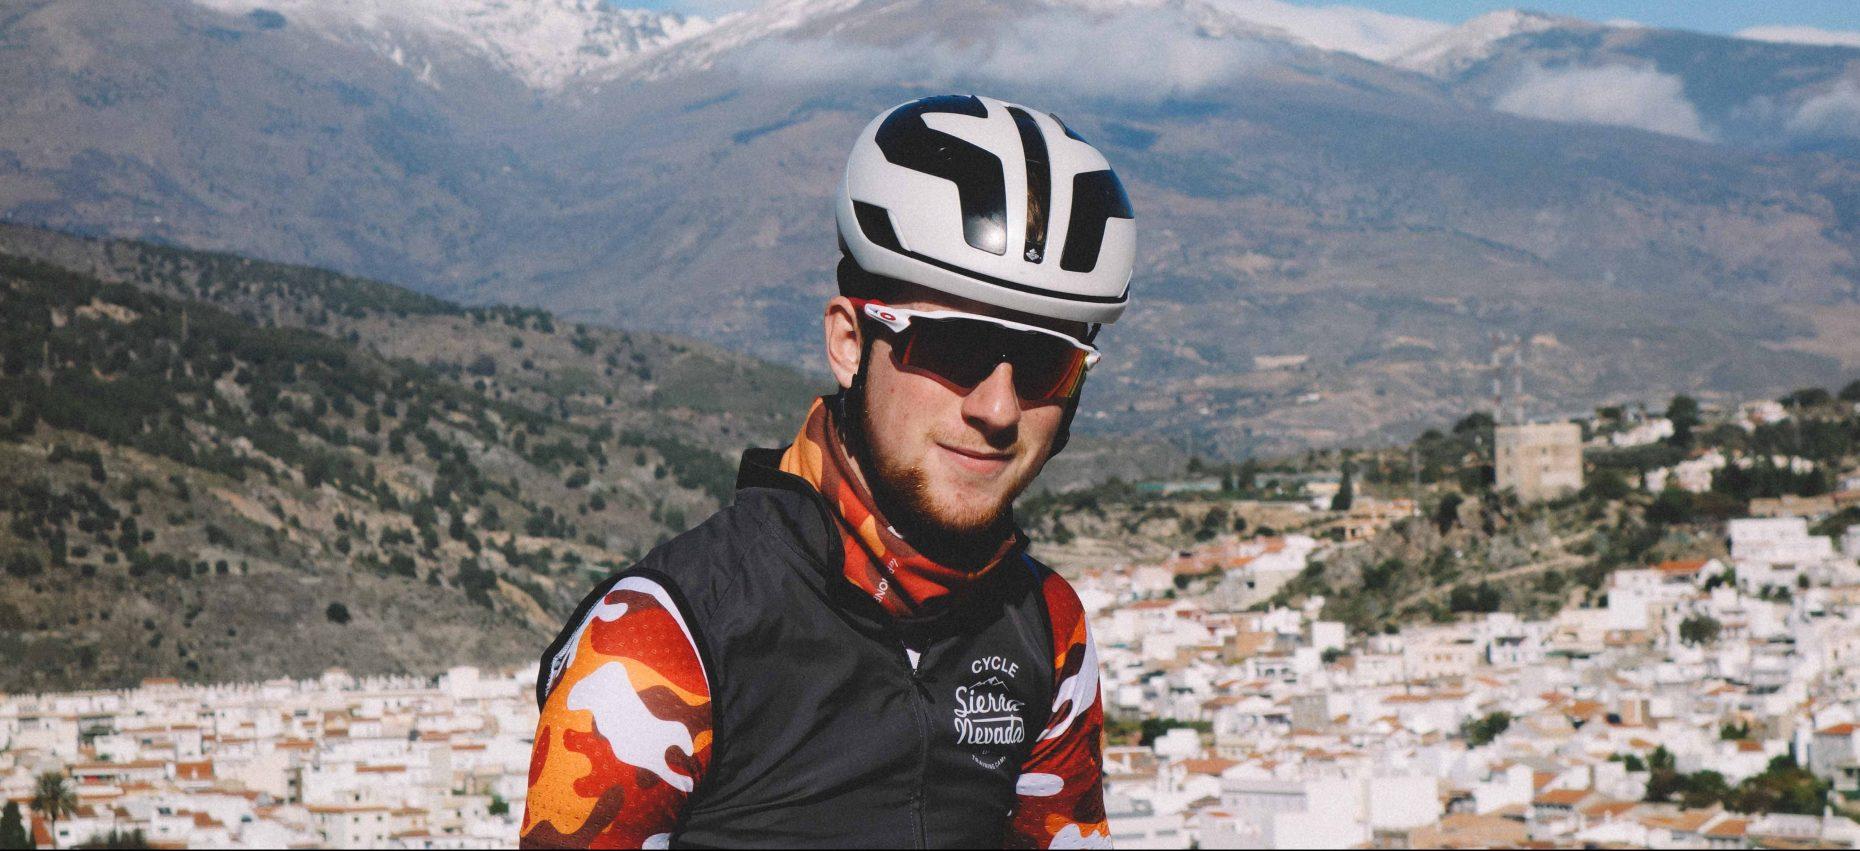 Daan van Meeuwen in Spain